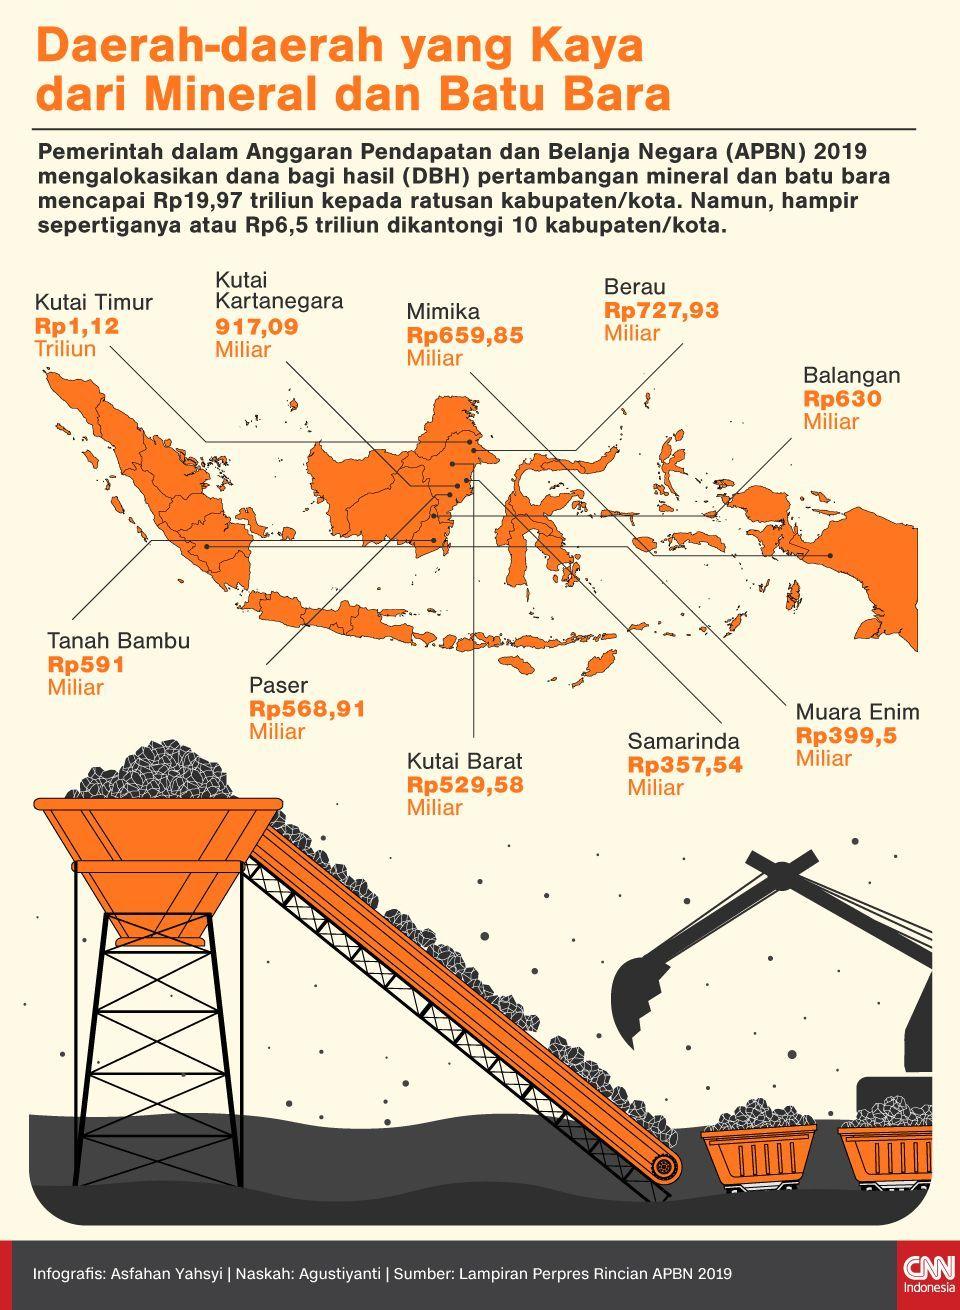 Infografis Daerah-daerah yang Kaya dari Mineral dan Batu Bara